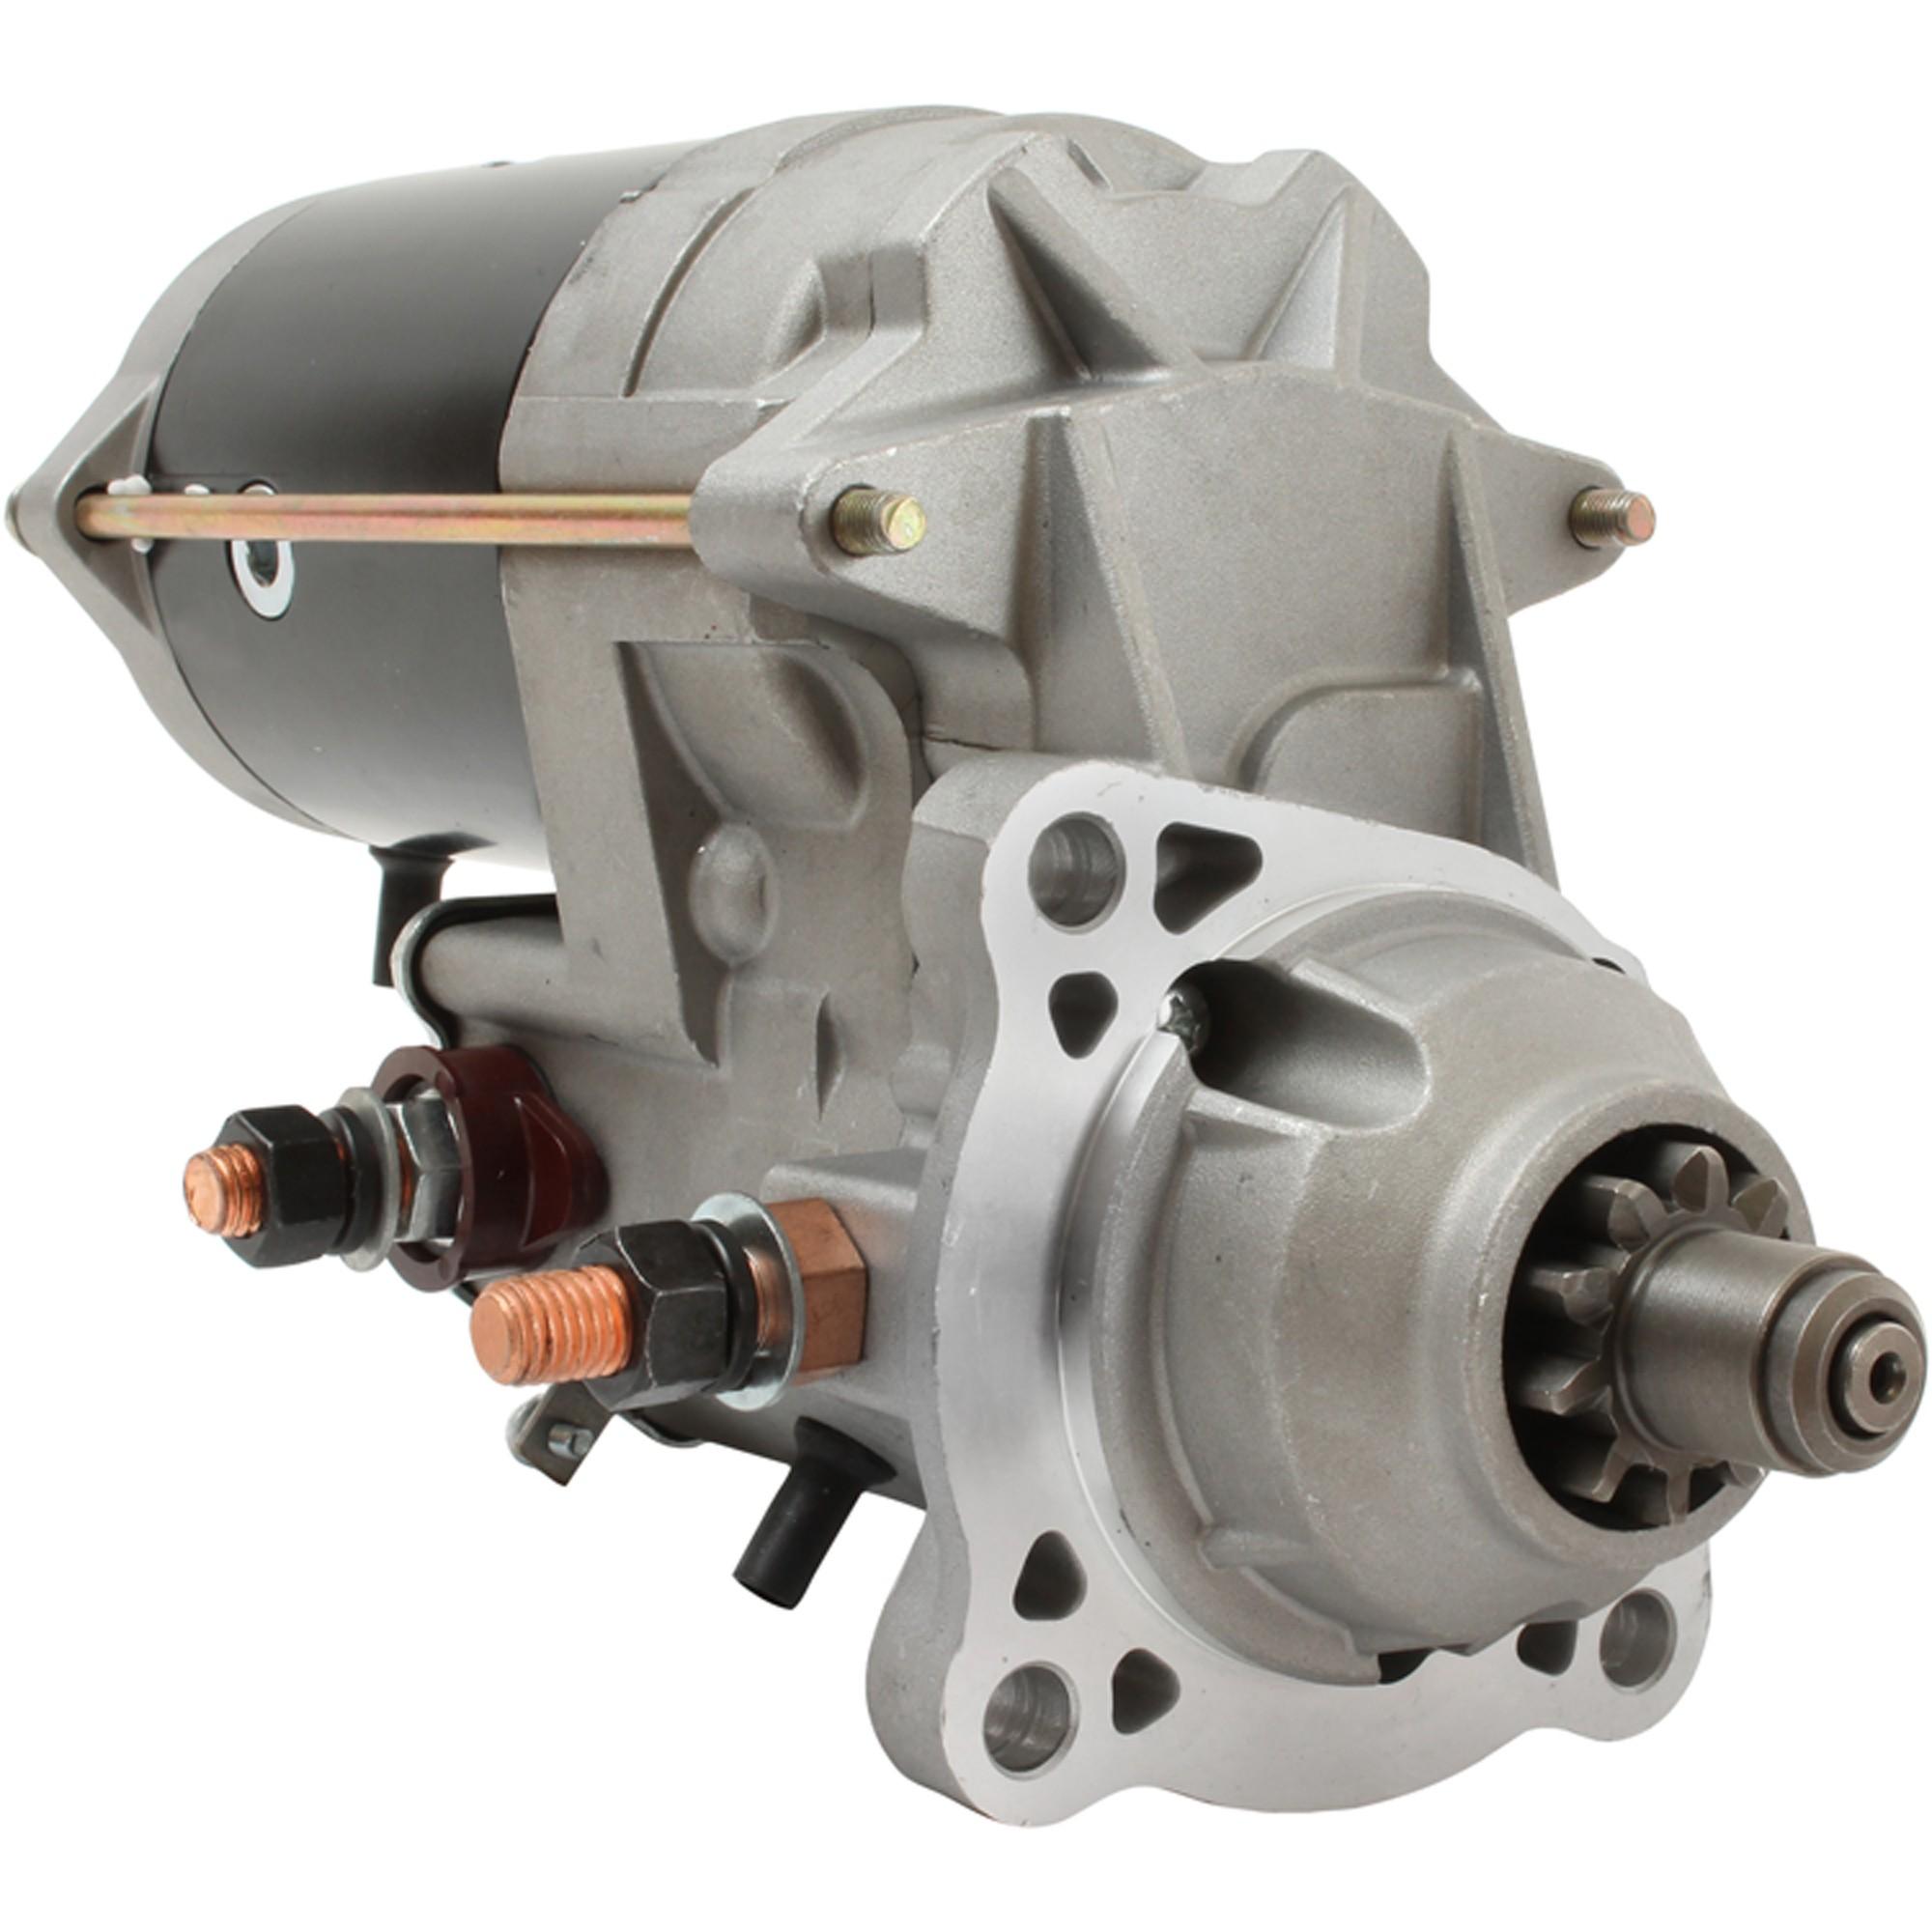 Starter Fits Thomas Built MVP-EF Type D Saf-T-Liner-EF ER HDX Cat 3126 TL960